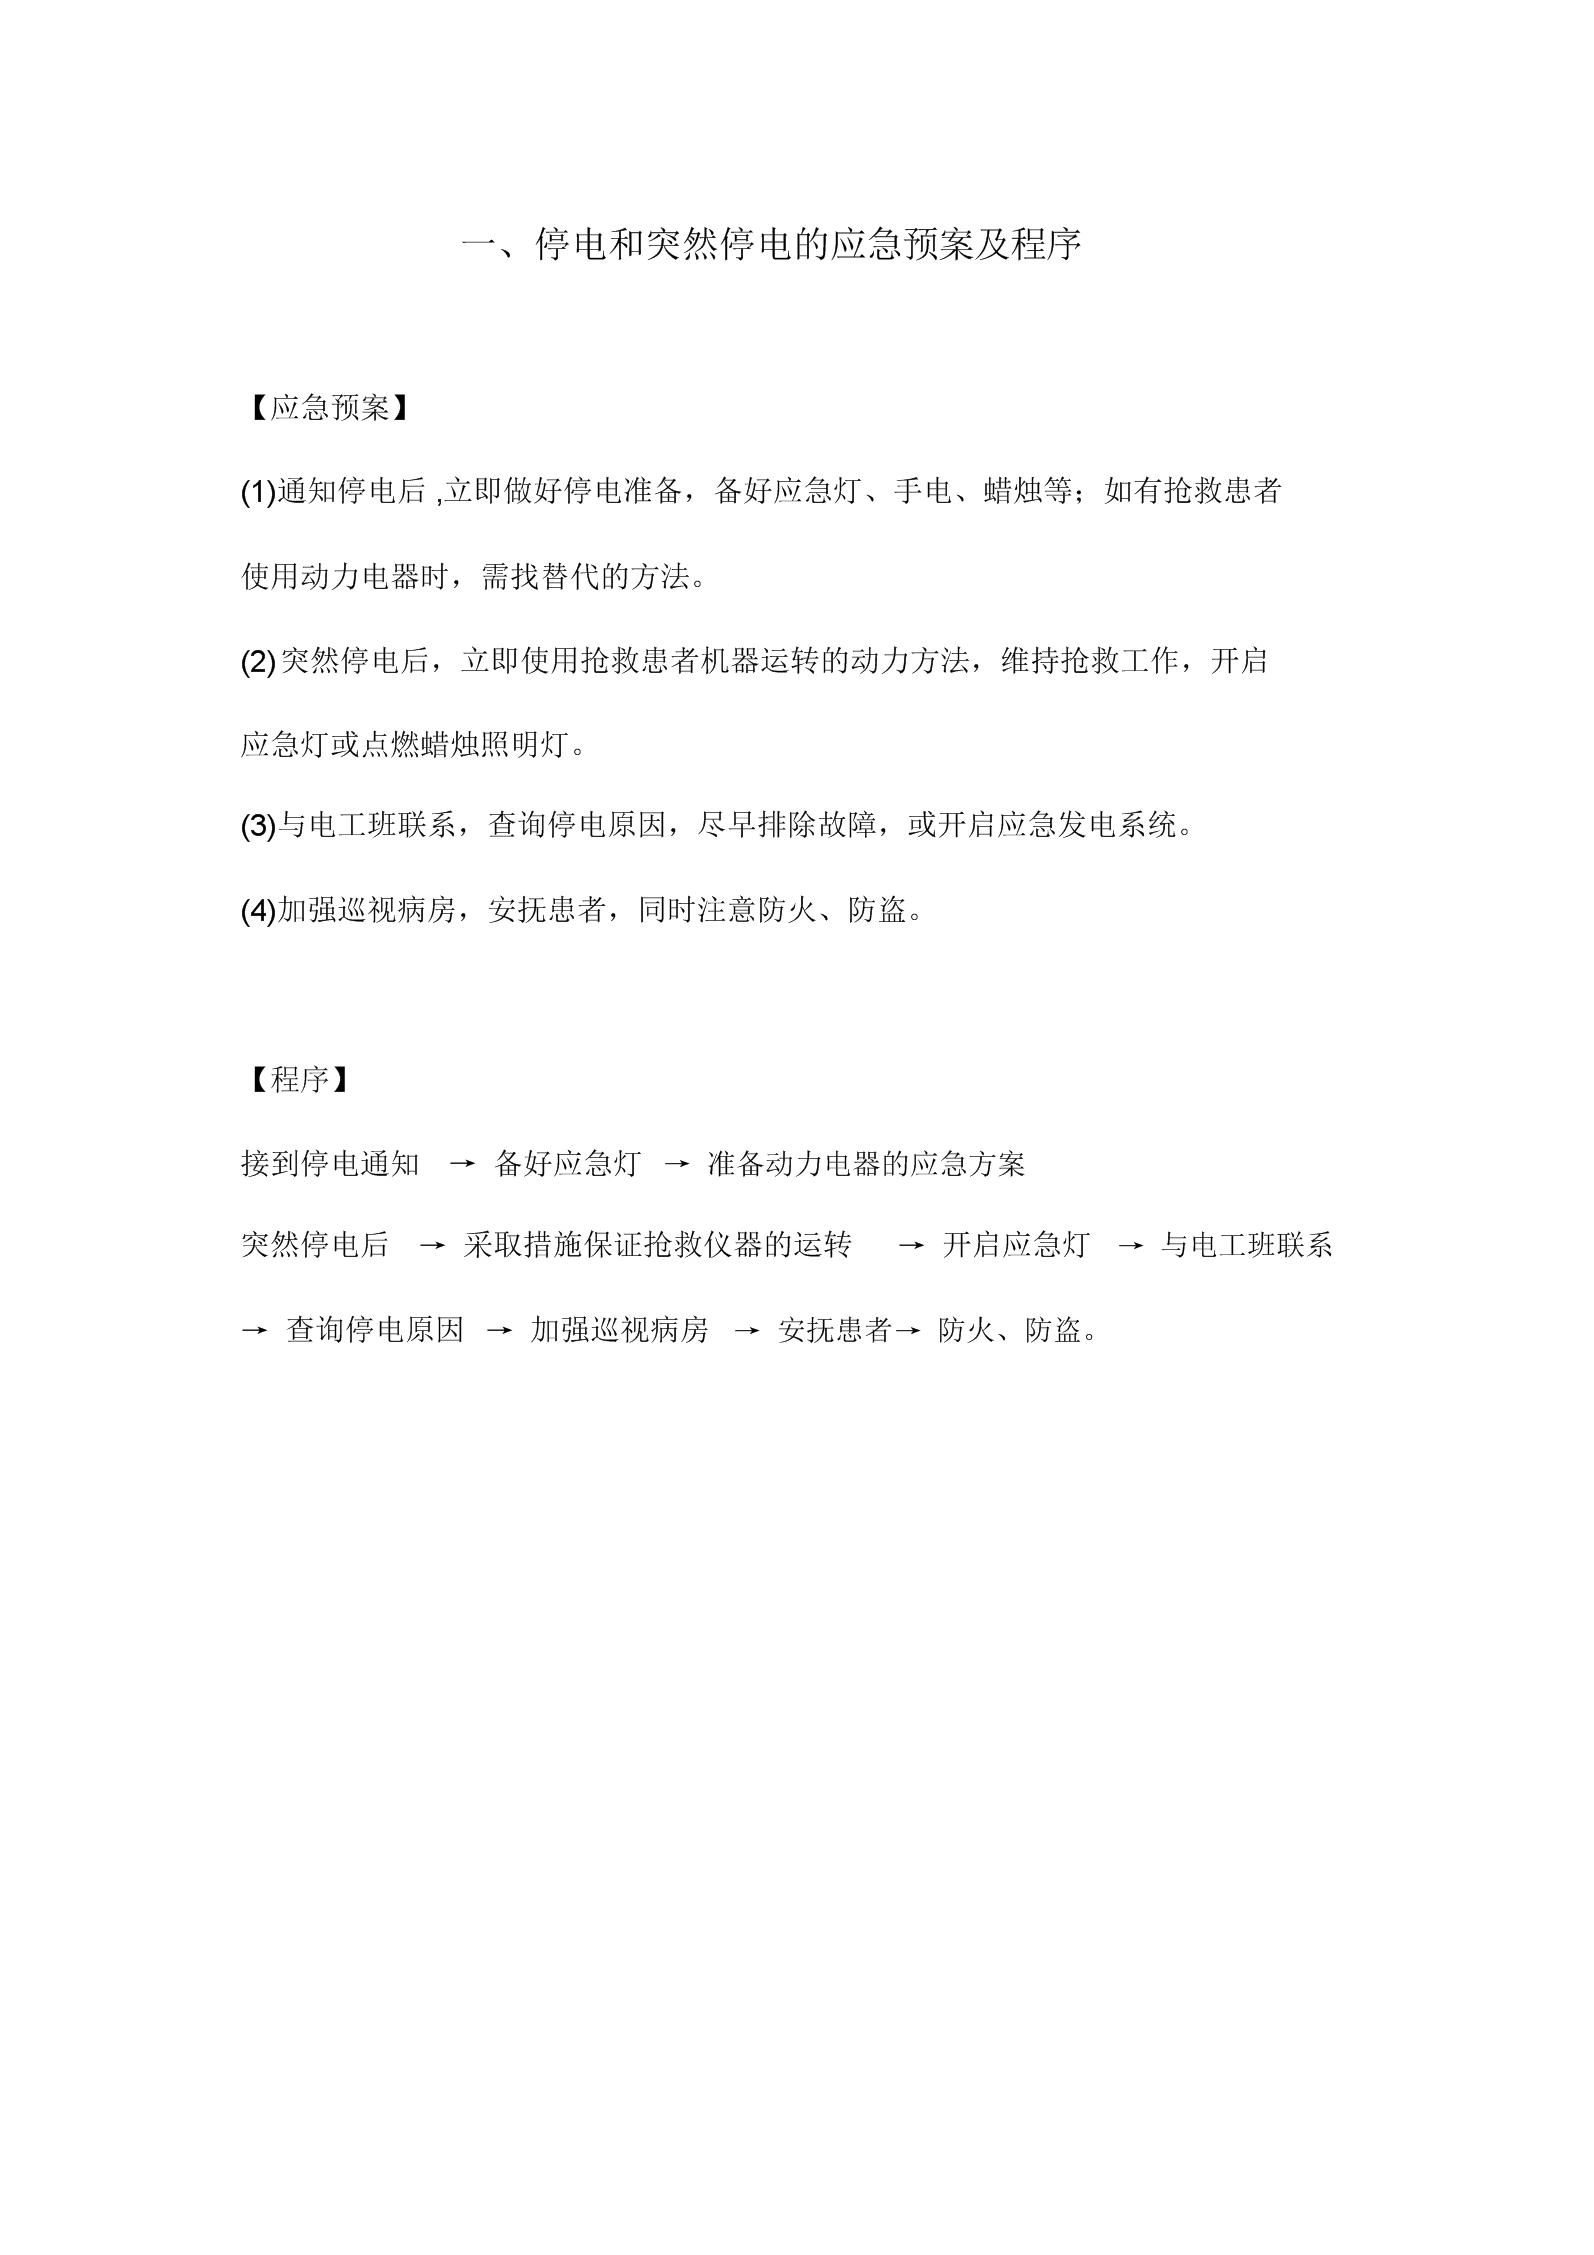 ICU应急救援方案及程序.docx